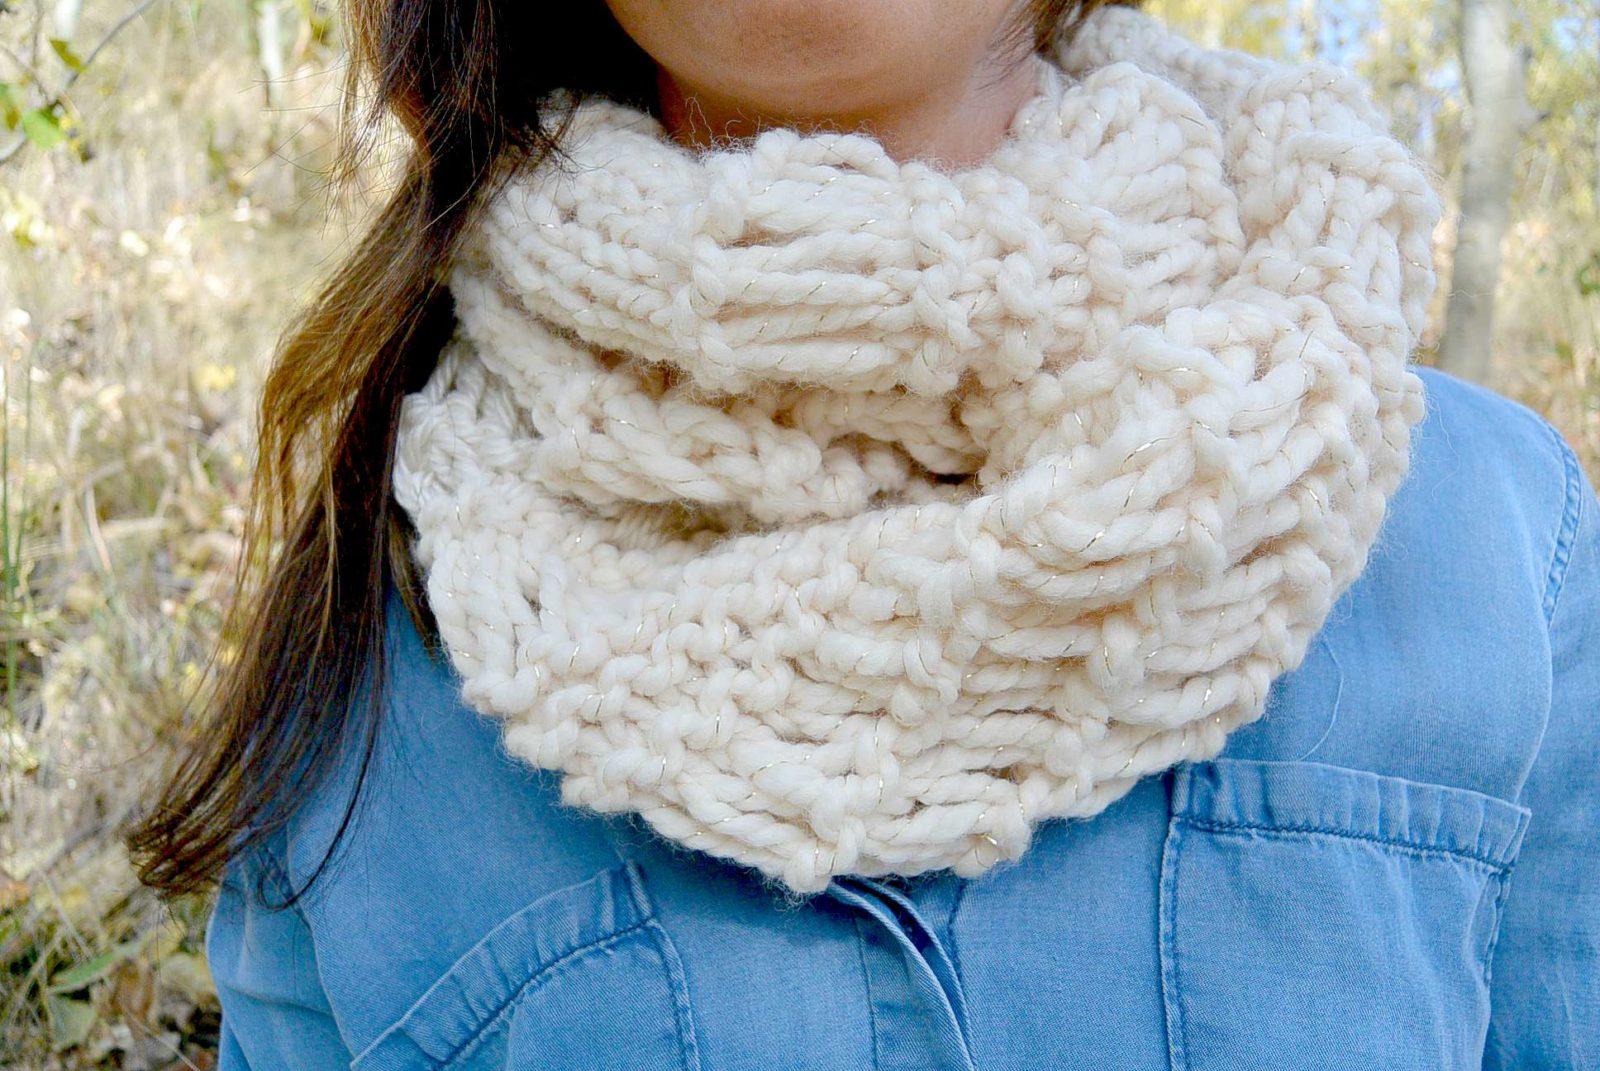 Cozy Glitz Chunky Knit Infinity Scarf Pattern Mama In A Stitch